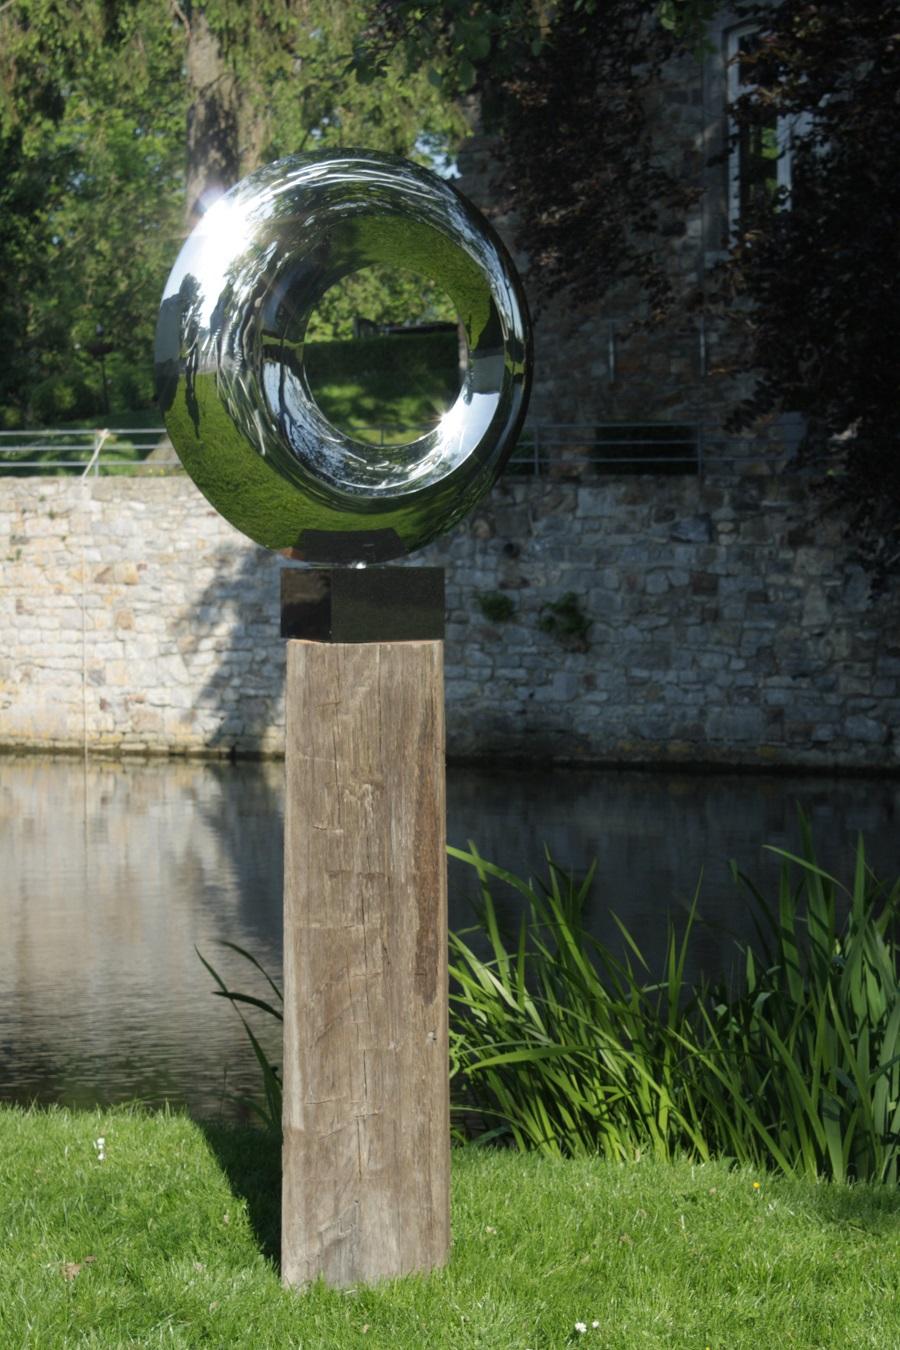 Full Size of Eclipse Circle Sculpture Edelstahl Skulptur Gnstig Online Kaufen Trennwände Garten Schwimmingpool Für Den Relaxliege Bewässerungssystem Lounge Sofa Ecksofa Wohnzimmer Skulptur Garten